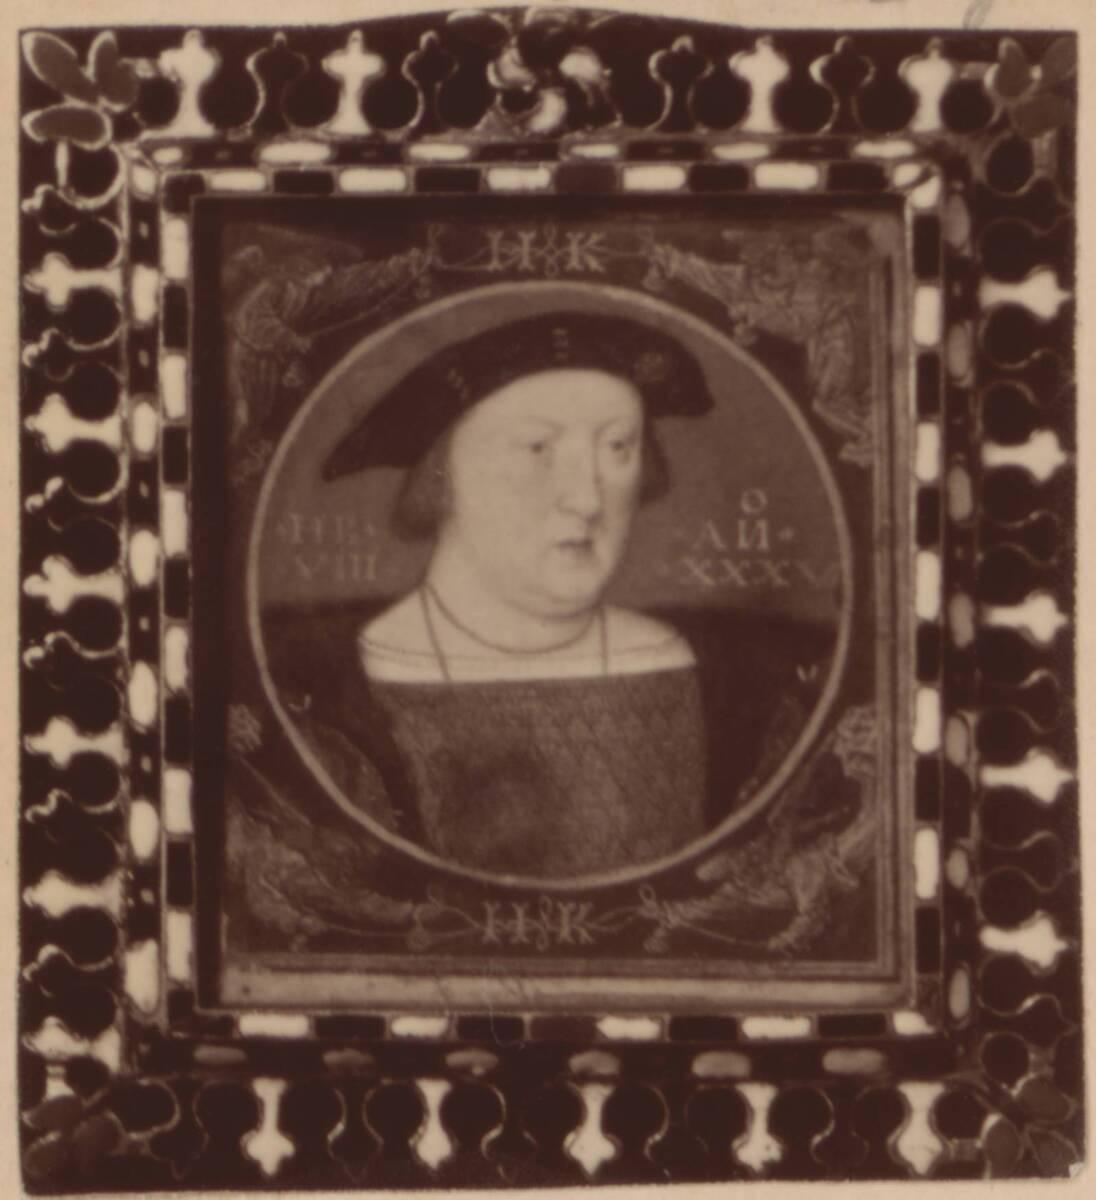 Fotografie einer Porträtmalerei Heinrich VIII., vermutlich von Hans Holbein dem Jüngeren, aus der Sammlung des Herzogs von Buccleuch (vom Bearbeiter vergebener Titel) von Anonym